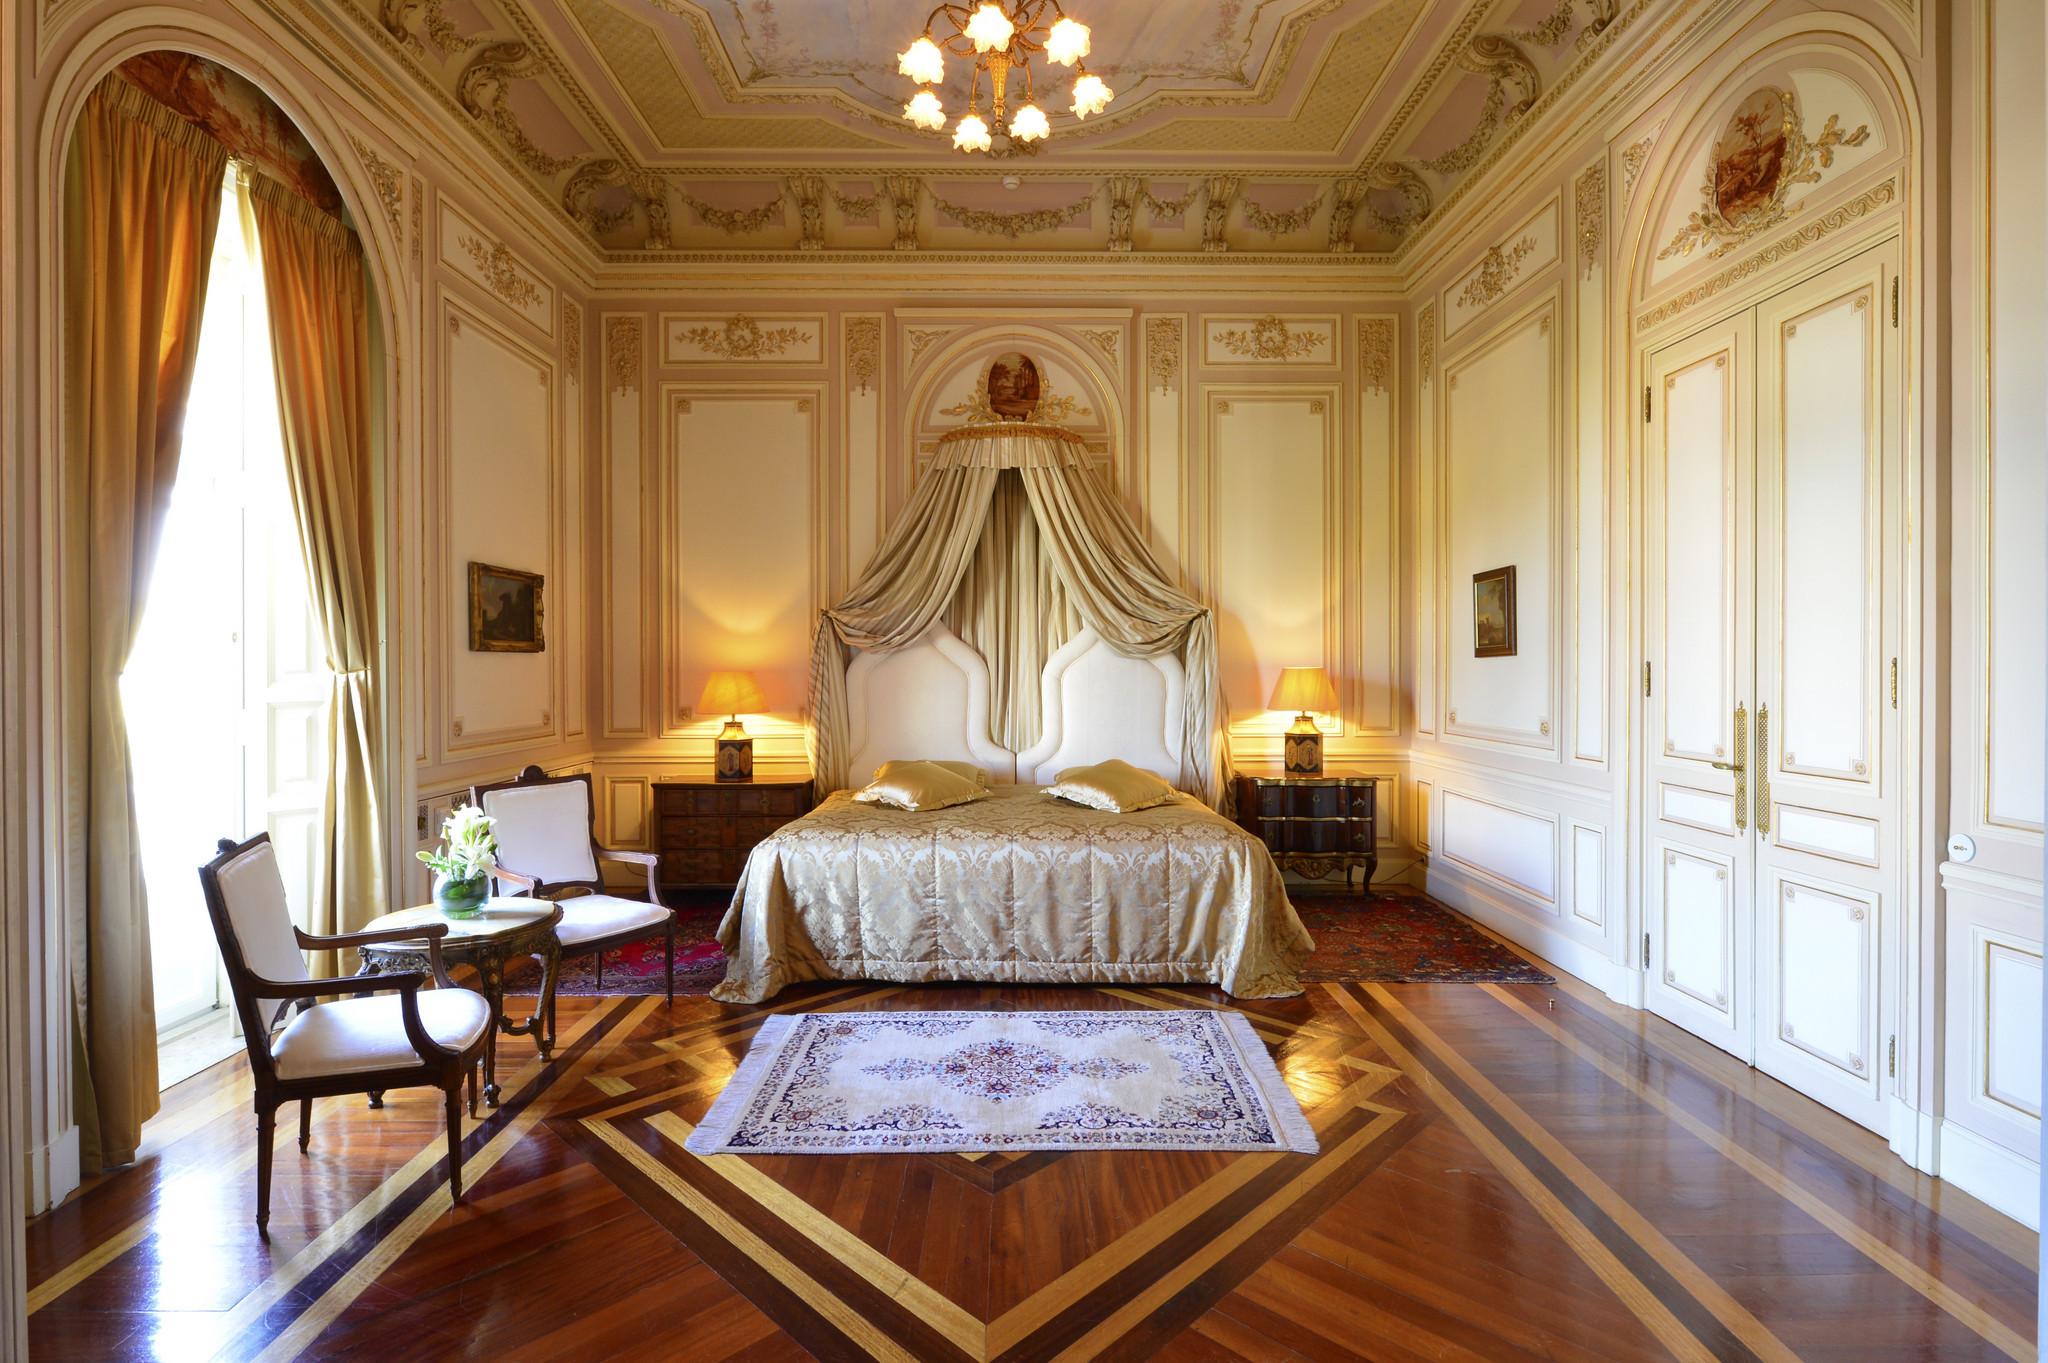 Una de las suites del Hotel Pestana Palace, en Lisboa.